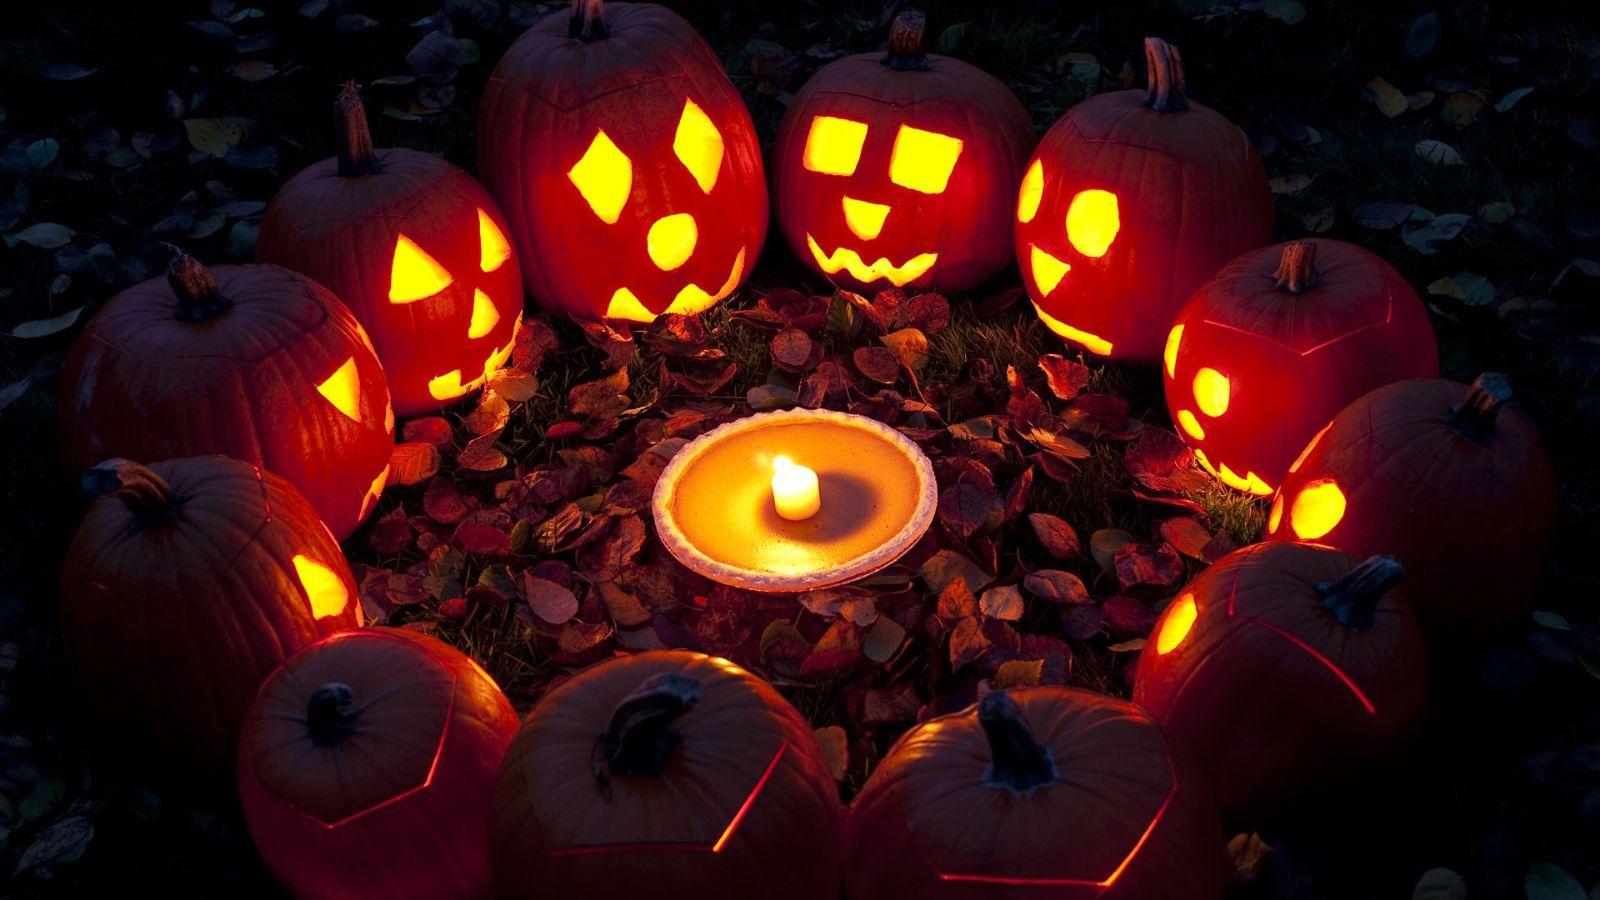 Lịch sử và ý nghĩa lễ hội Halloween, có thể bạn chưa biết